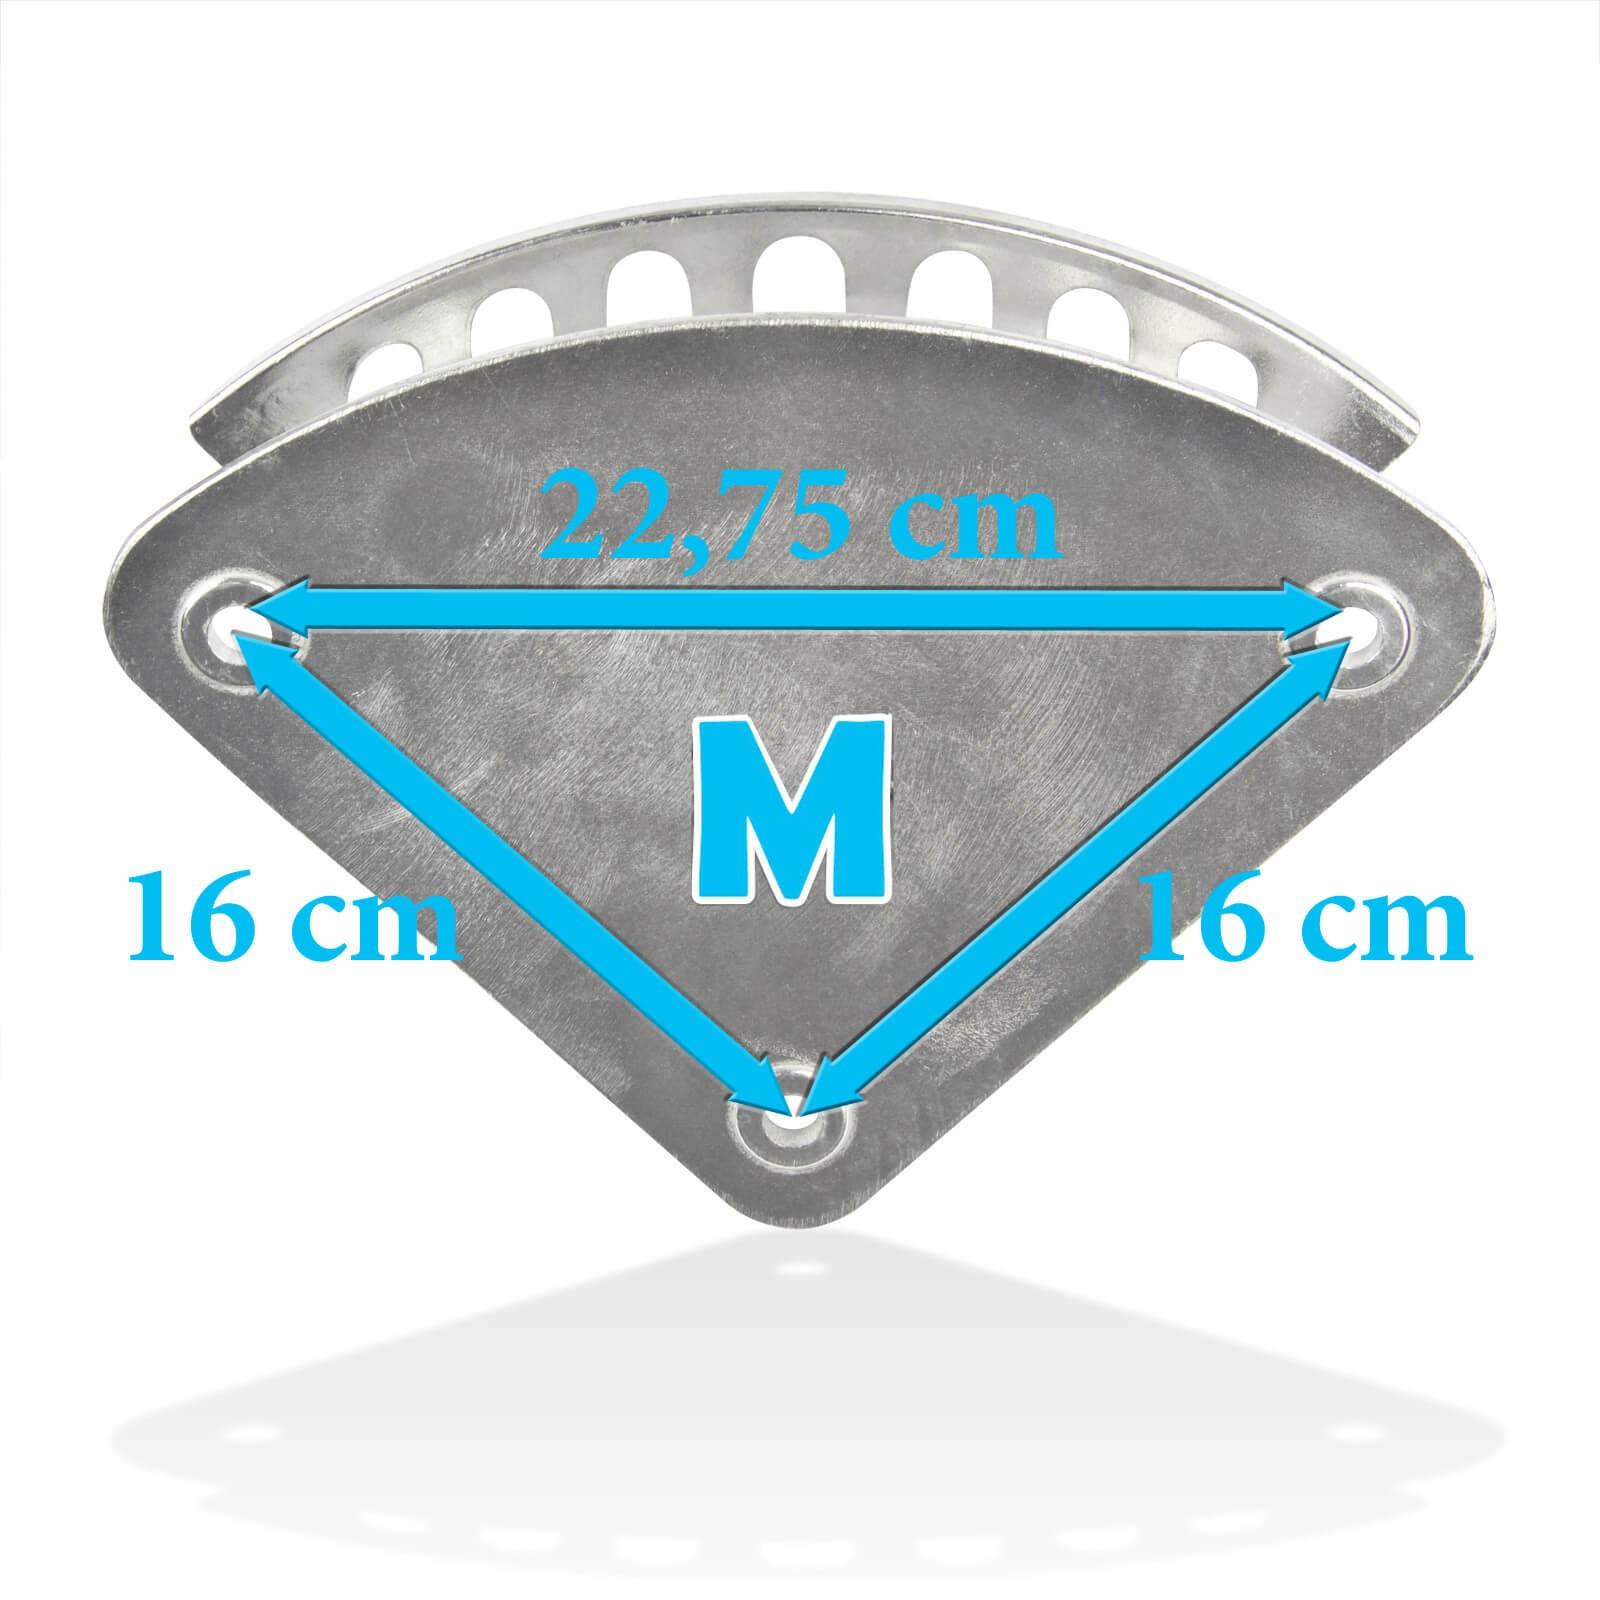 Möbelfolie signalgrau matt 61,5 cm Klebefolie für Möbel 11,95 € //m 1 m